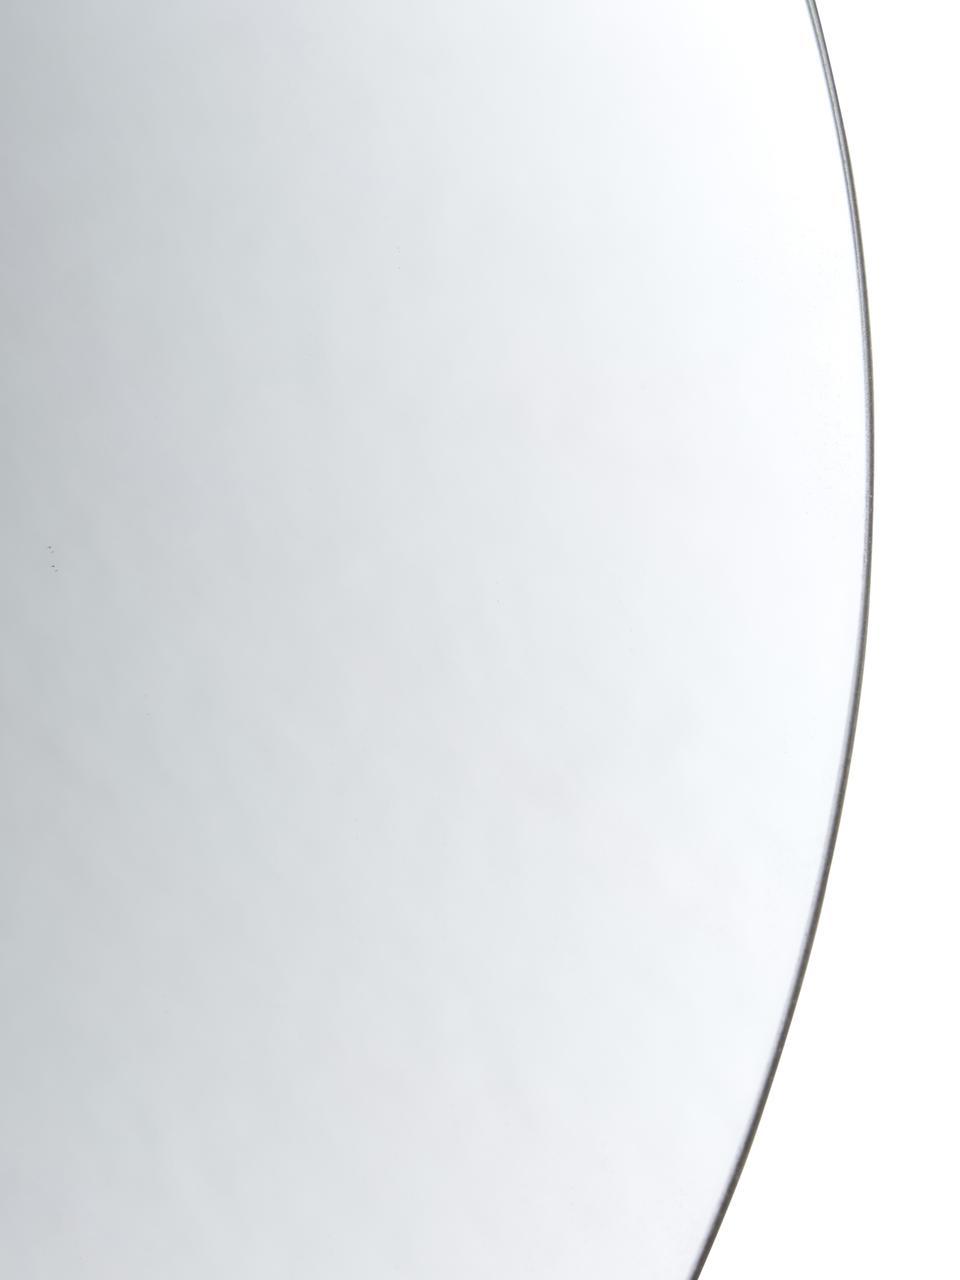 Specchio rotondo da parete senza cornice Erin, Superficie dello specchio: lastra di vetro, Retro: pannello di fibra a media, Superficie dello specchio: lastra di vetro Bordo esterno dello specchio: nero, Ø 40 cm